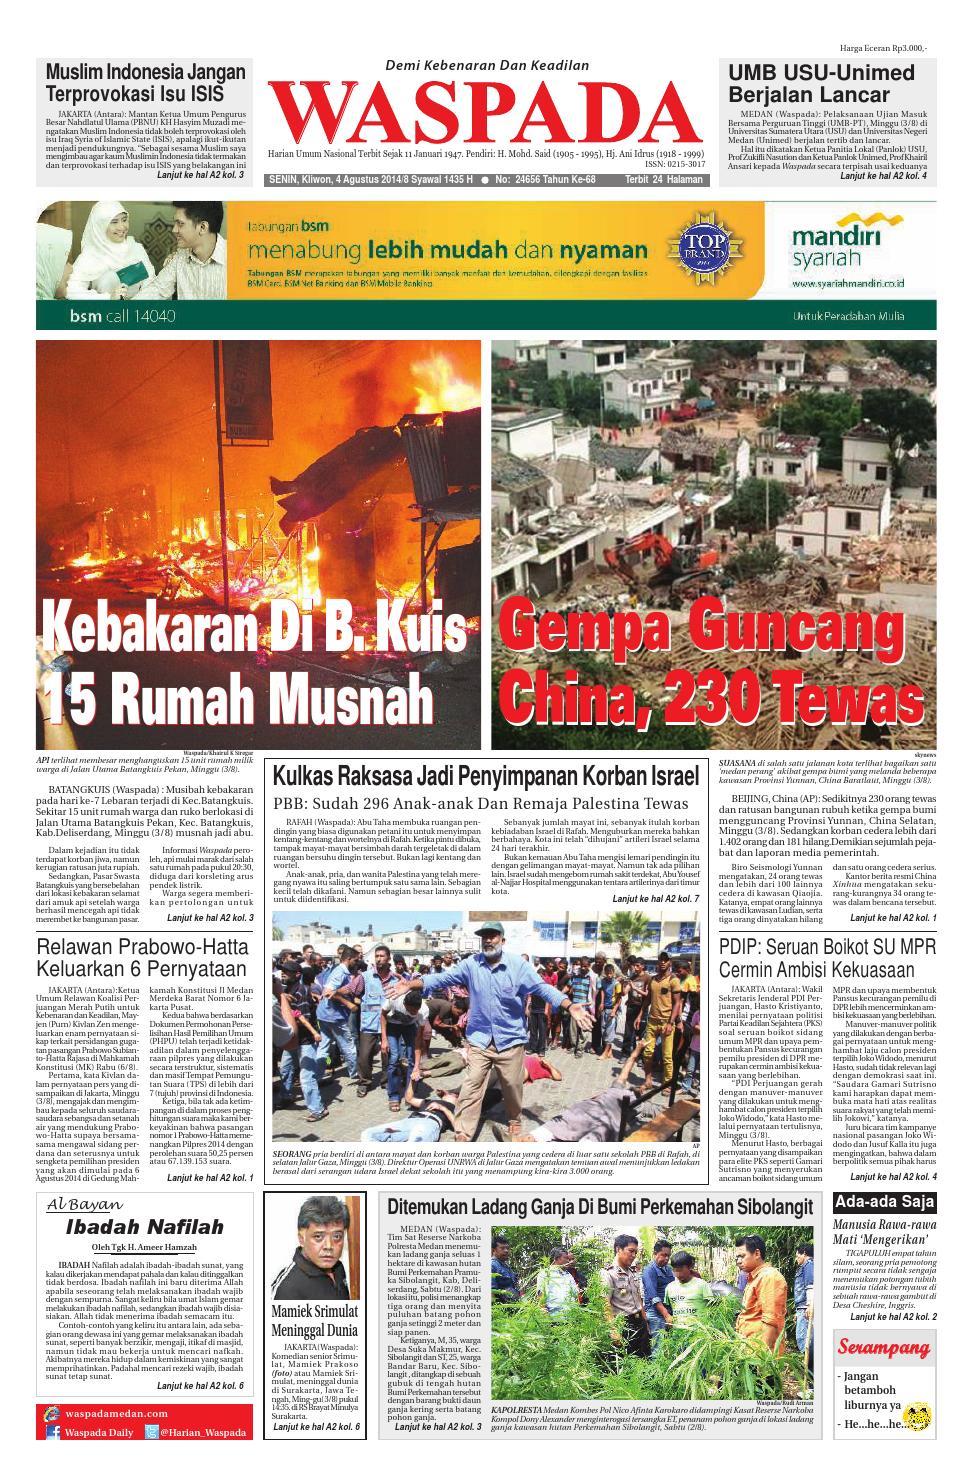 Waspada Senin 4 Agustus 2014 By Harian Waspada Issuu